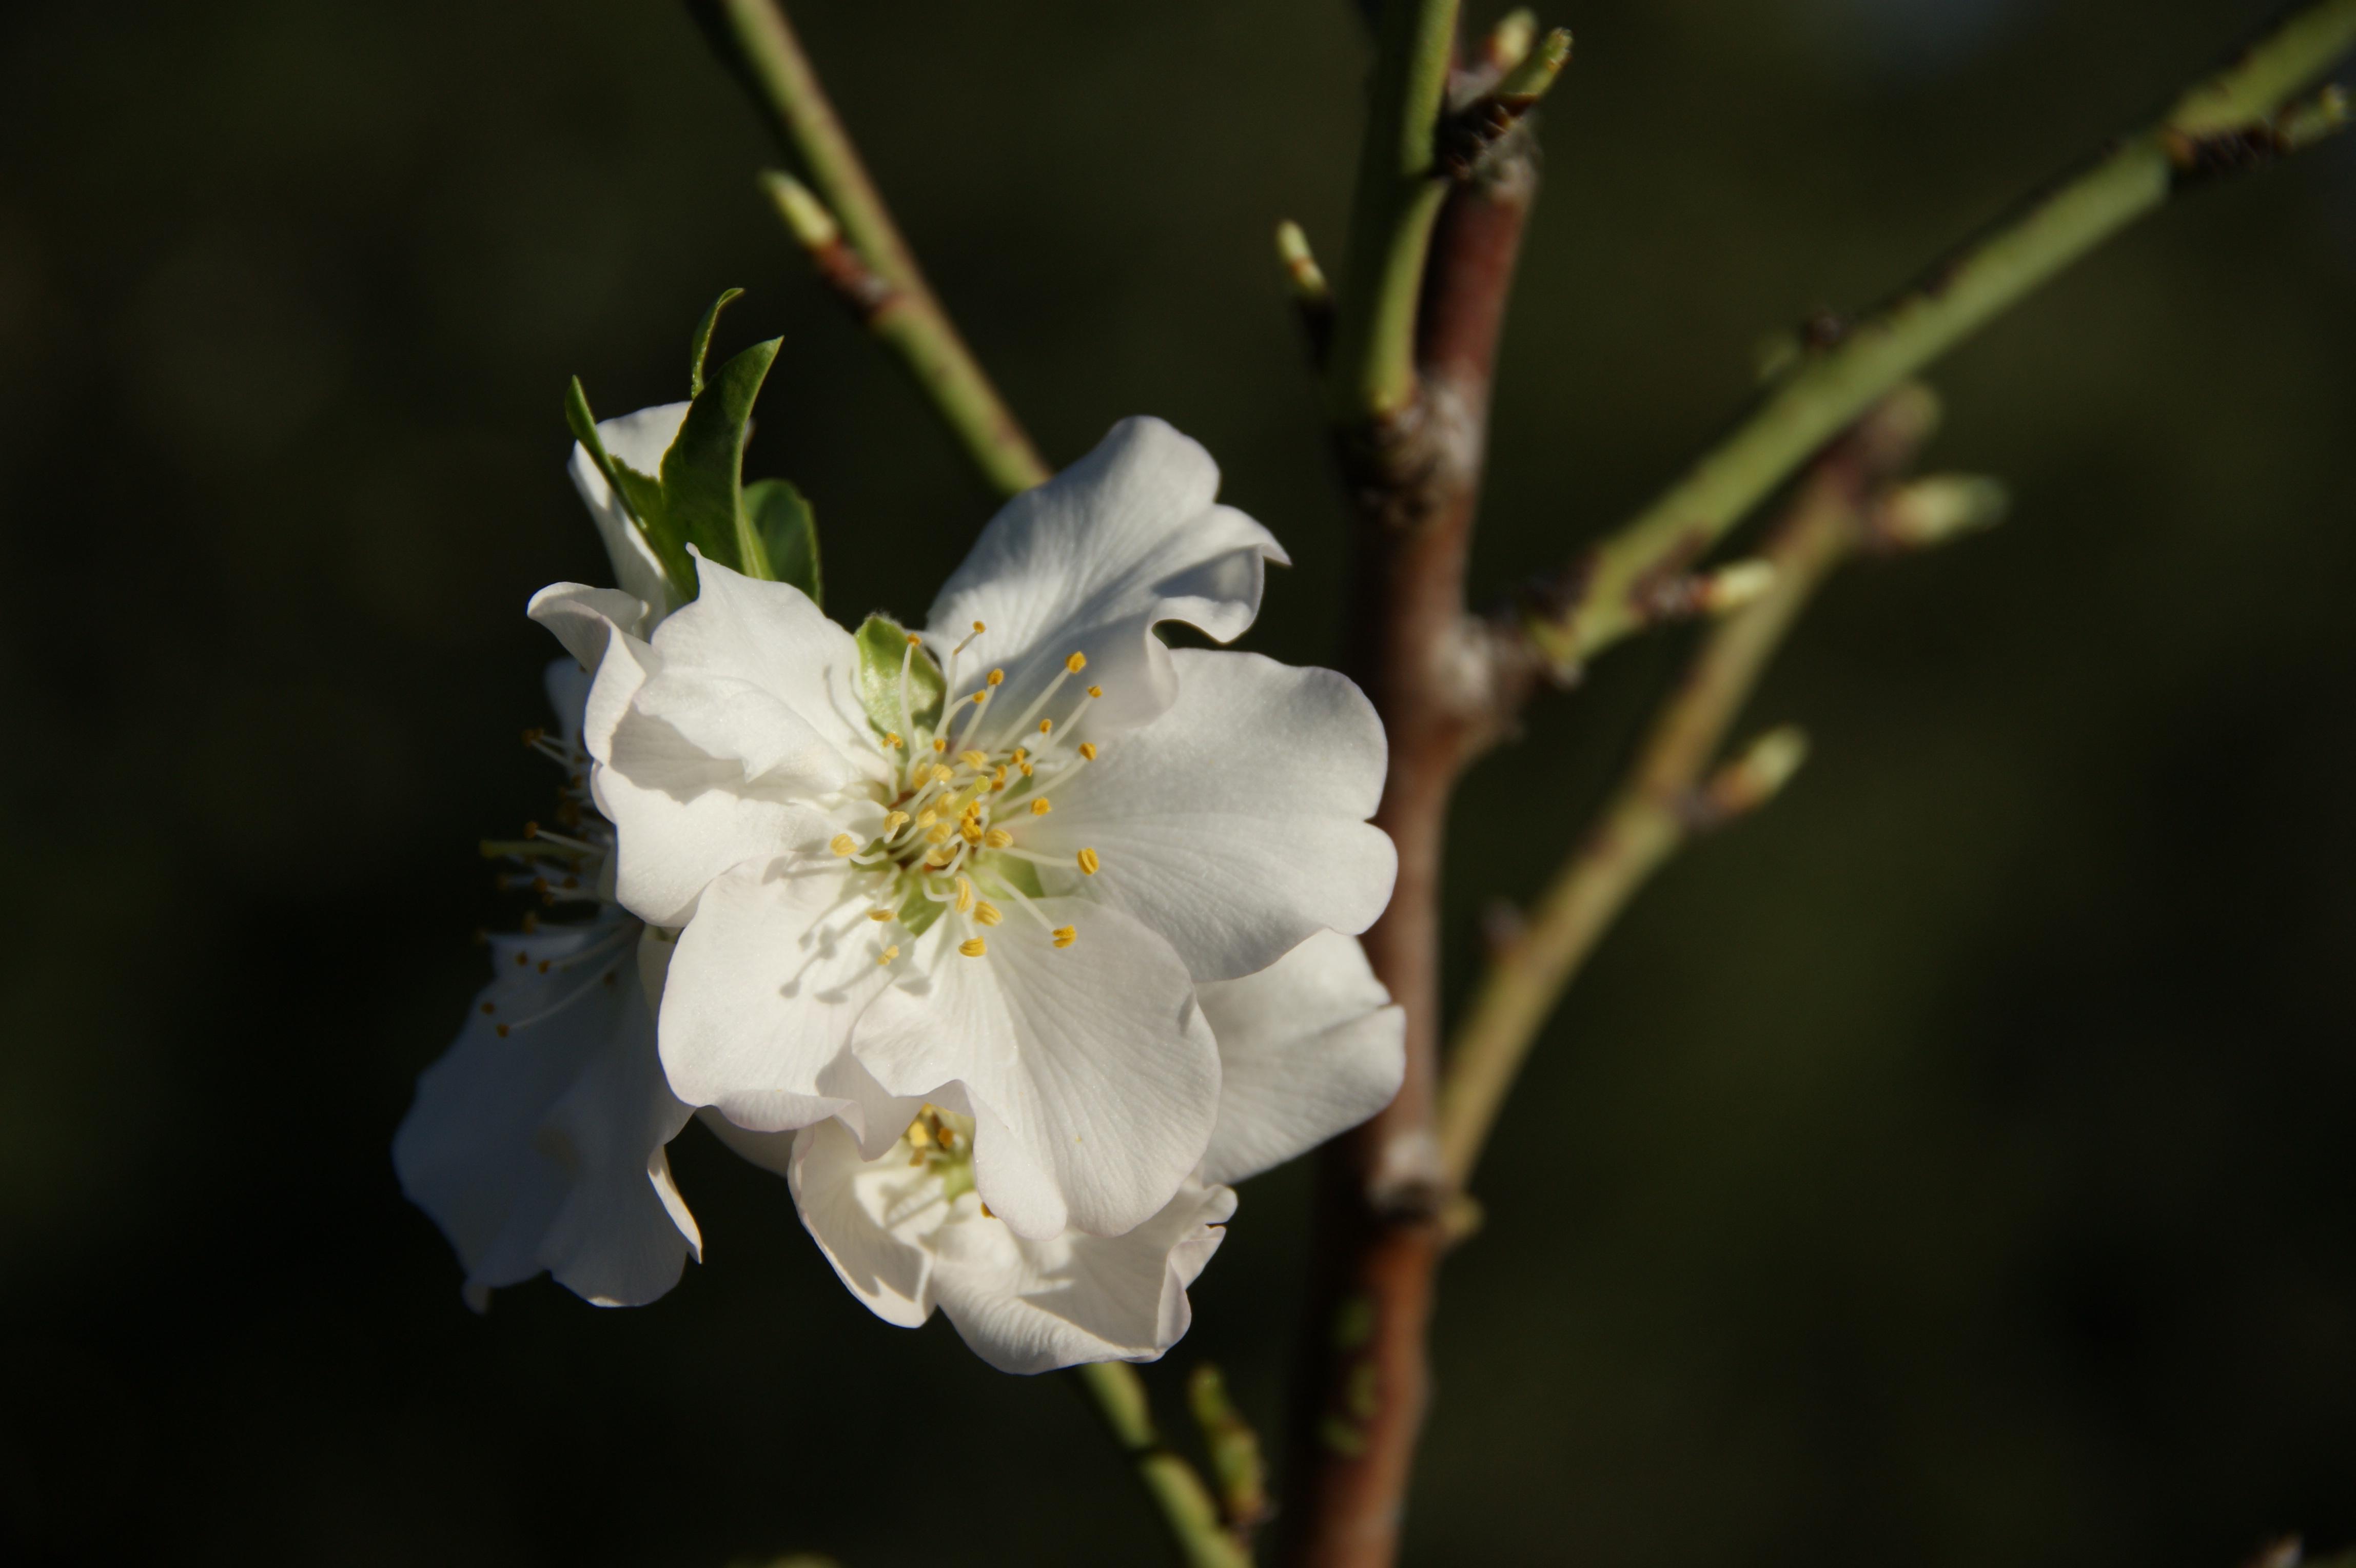 Mandelblüte / almond blossom